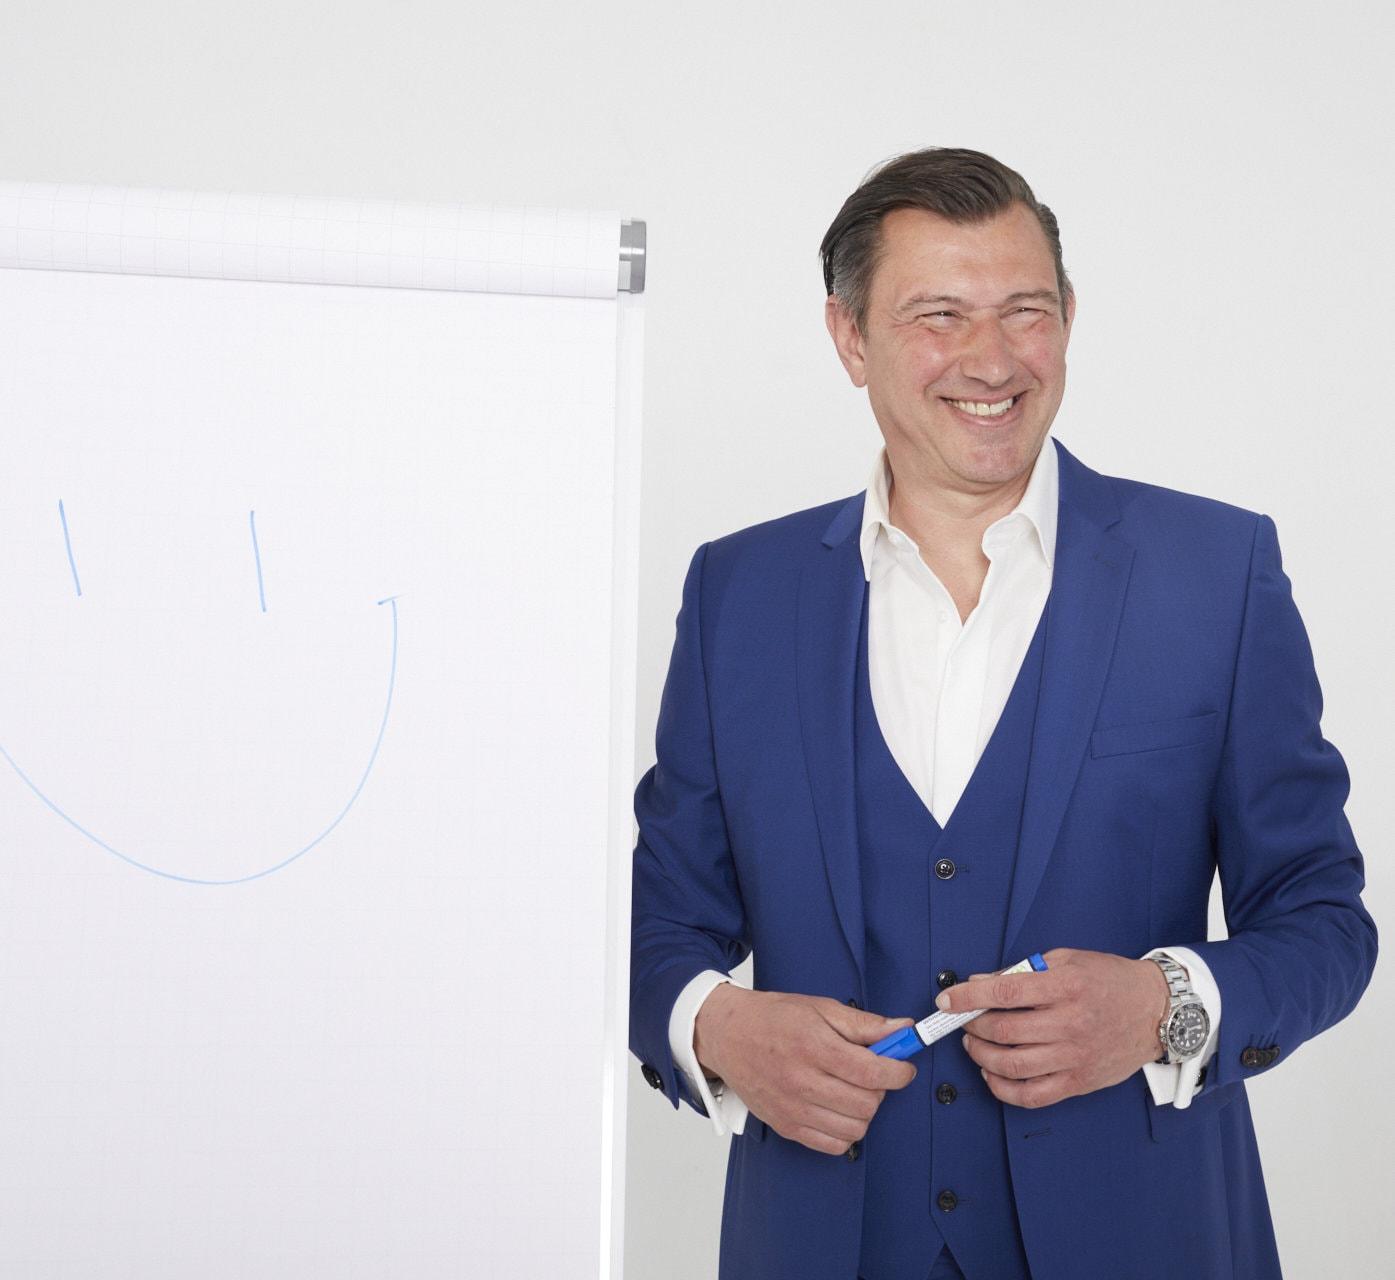 Hirnpuls-Executive Coaching-Saleh Amiralai